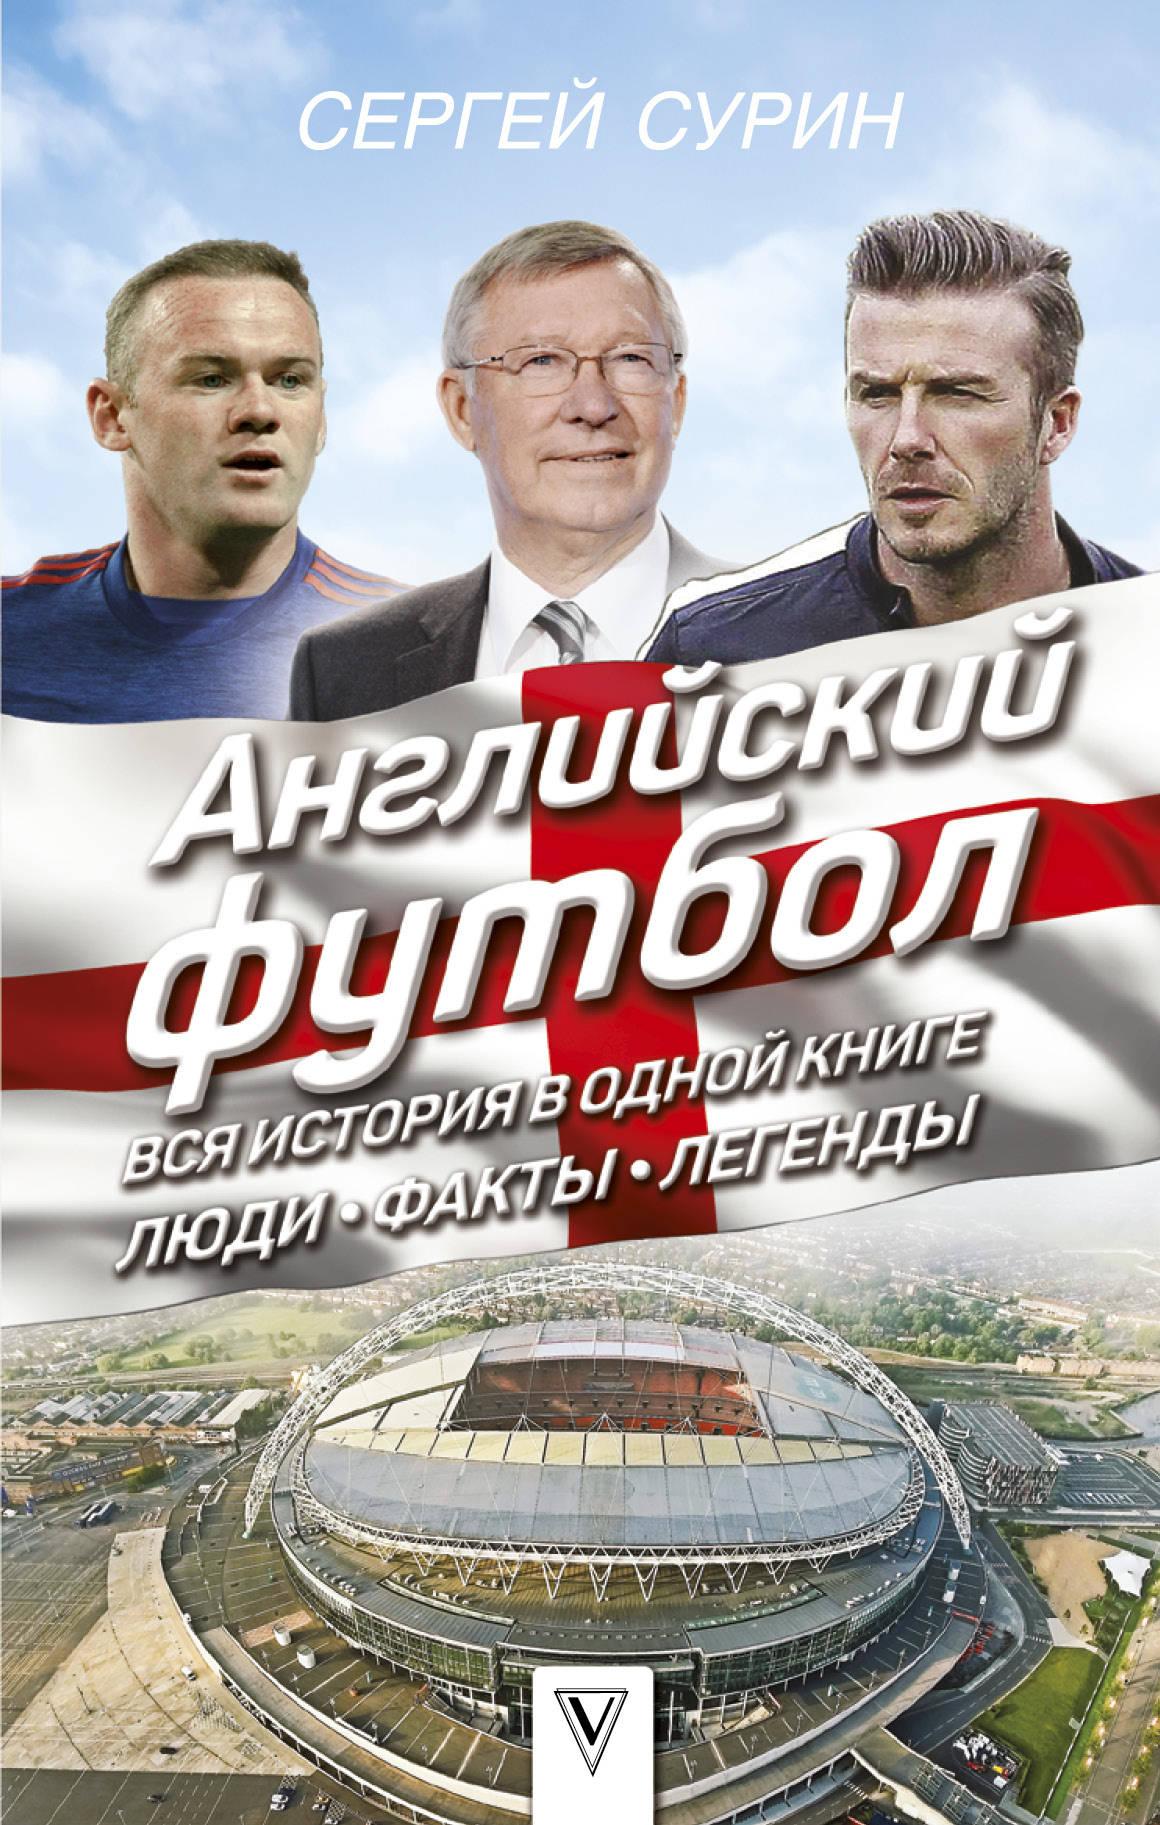 Английский футбол: вся история в одной книге. Люди. Факты. Легенды ( Сурин Сергей Владимирович  )